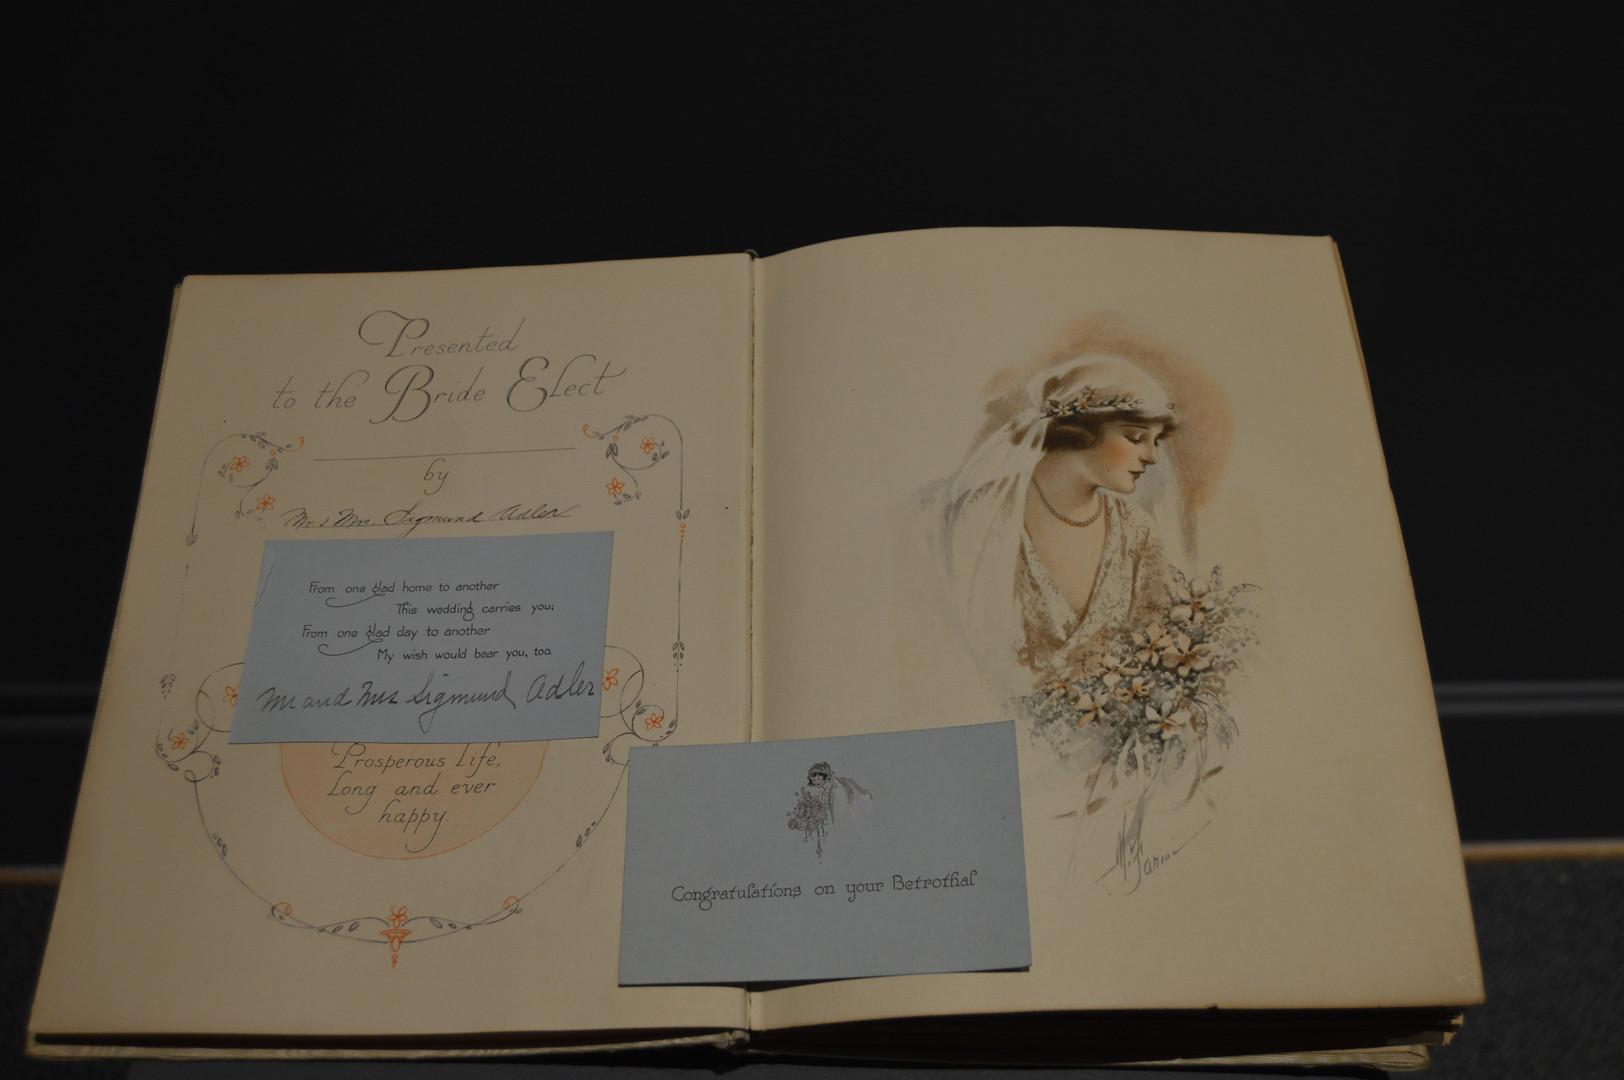 Wedding Memories, Gift of Amalie Adler Ascher. JMM 1989.167.4b